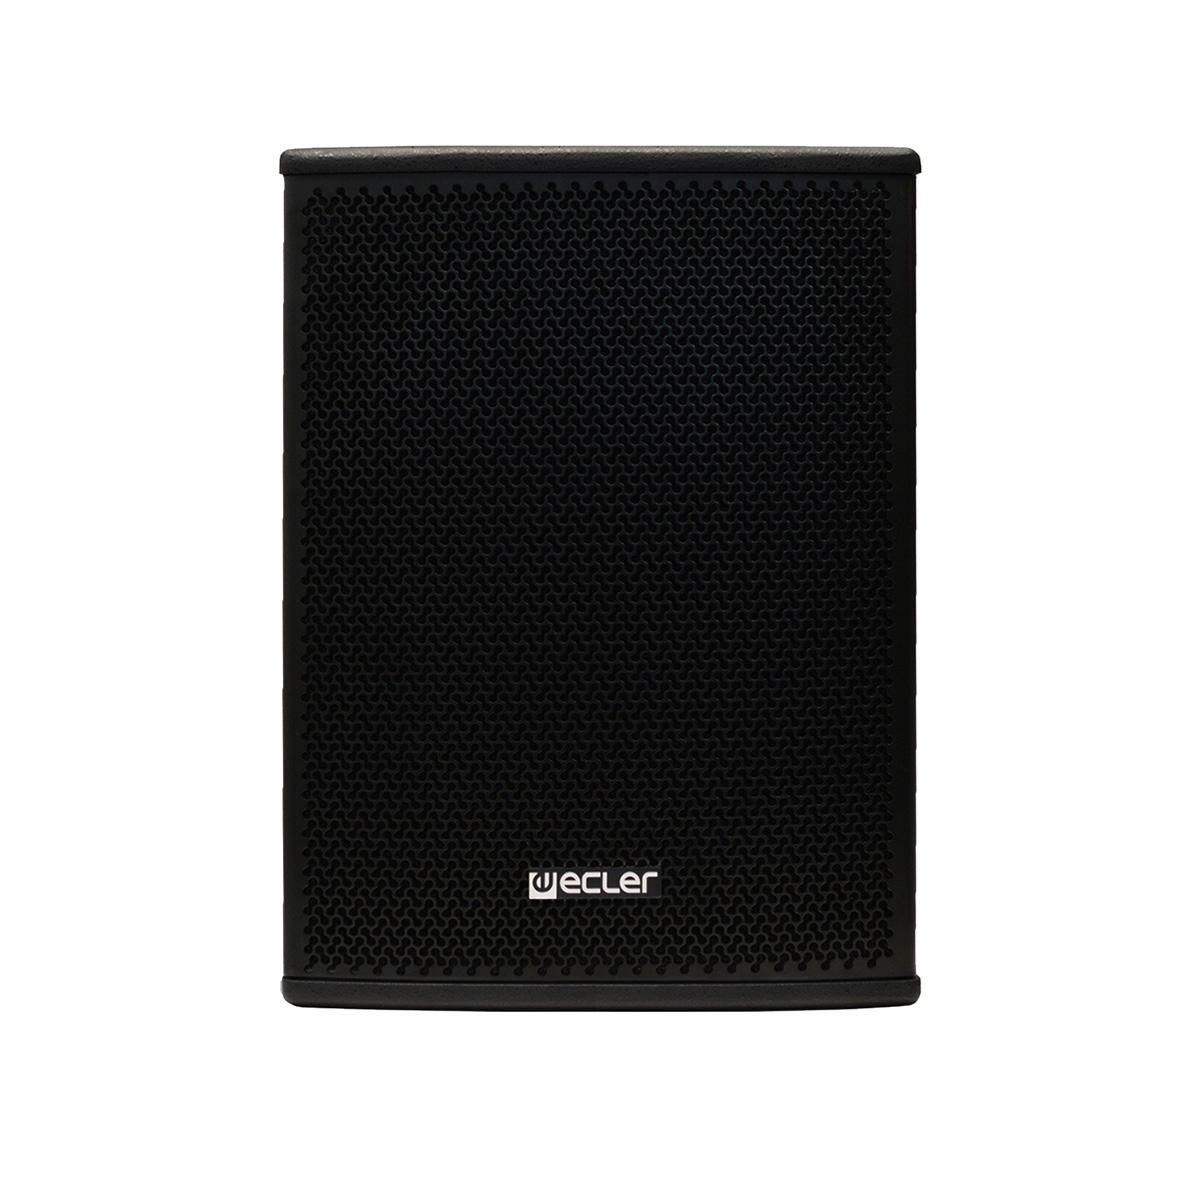 Ecler ARQIS 110BK - Двухполосная настенная акустическая система 10'', 220–440 Вт/8 Ом